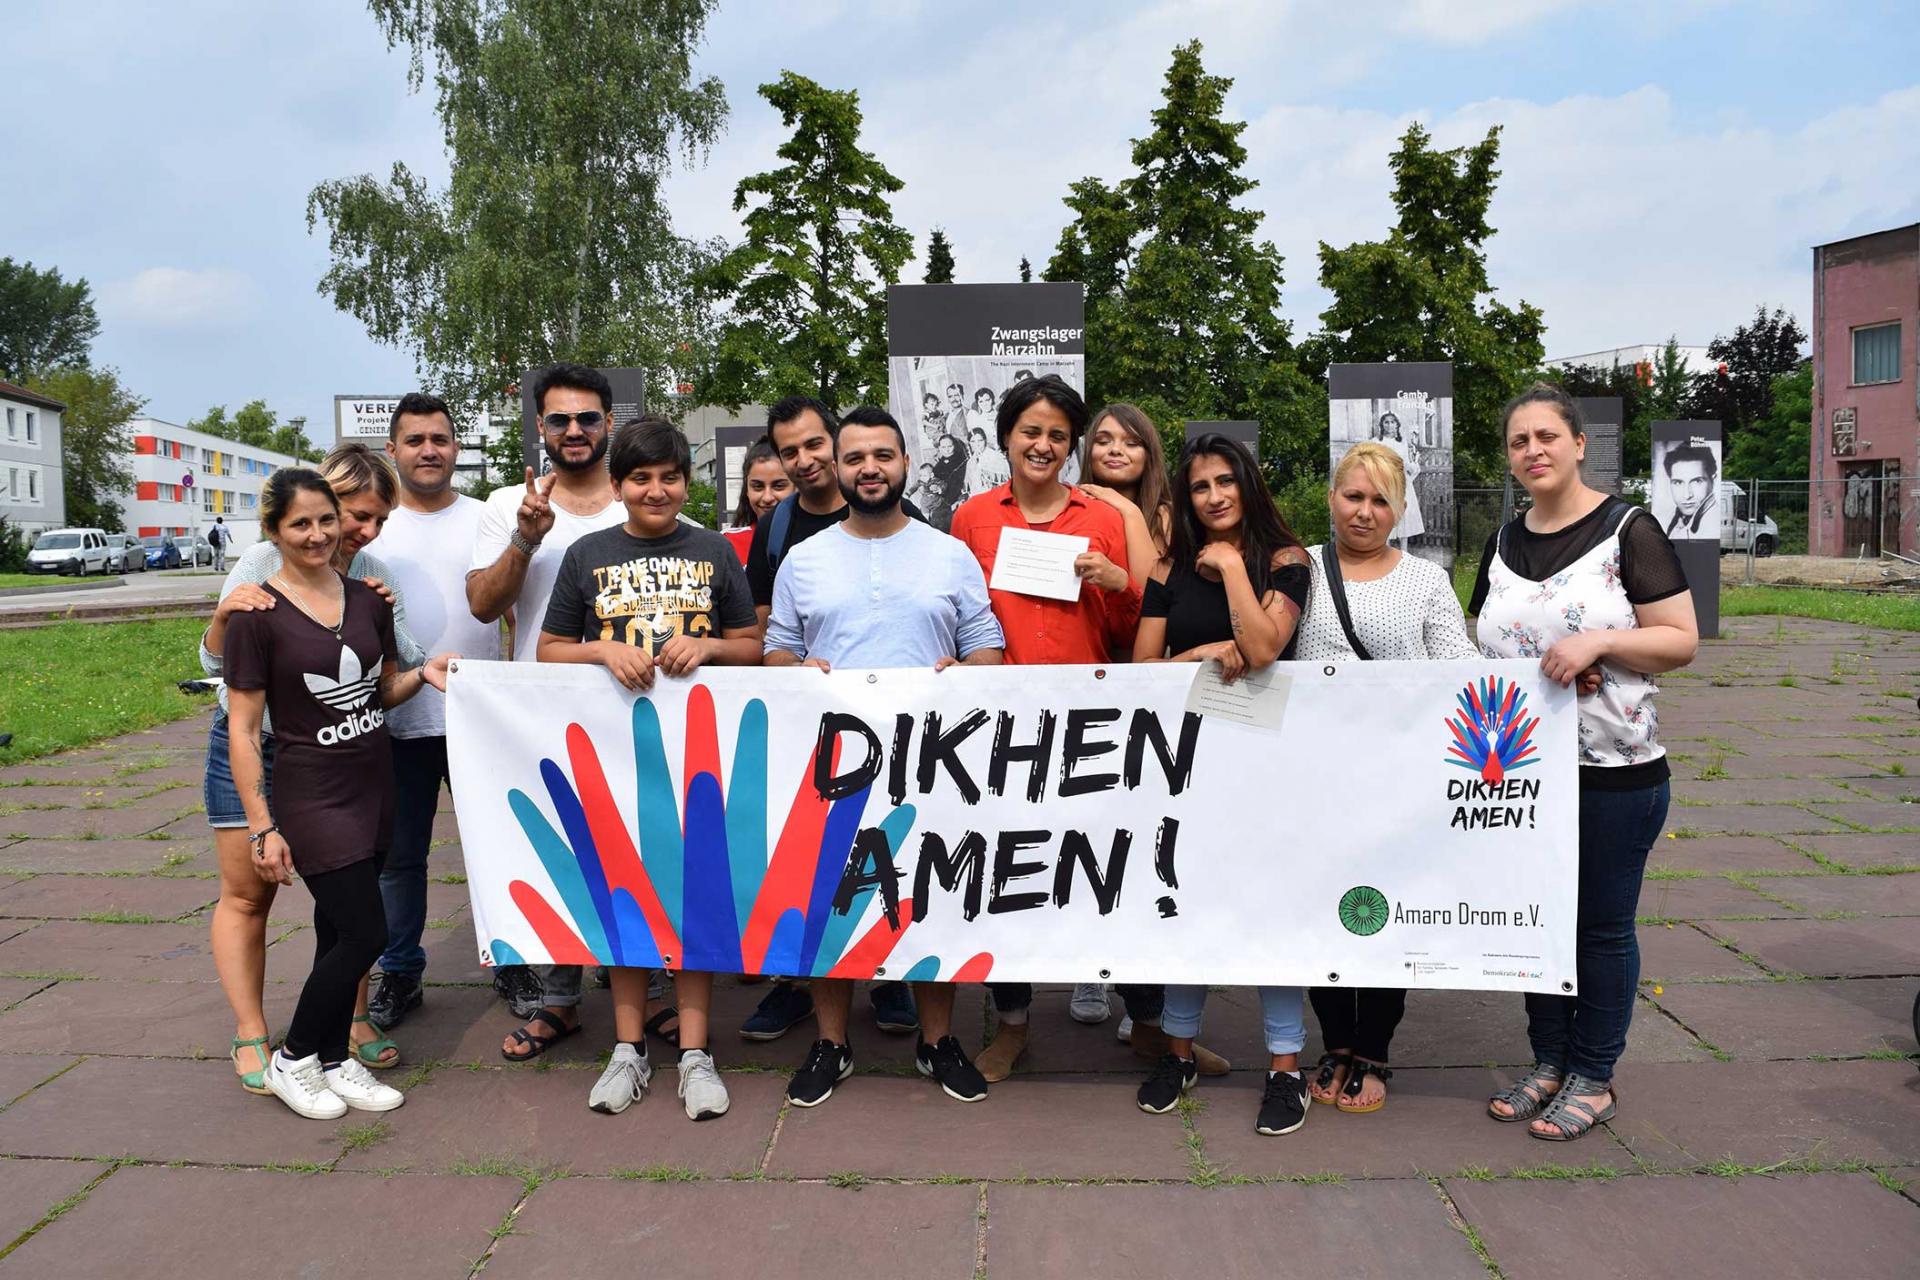 """Eine Gruppe Menschen, die ein Transparent mit der Aufschrift """"Dikhen Amen!"""" hält."""